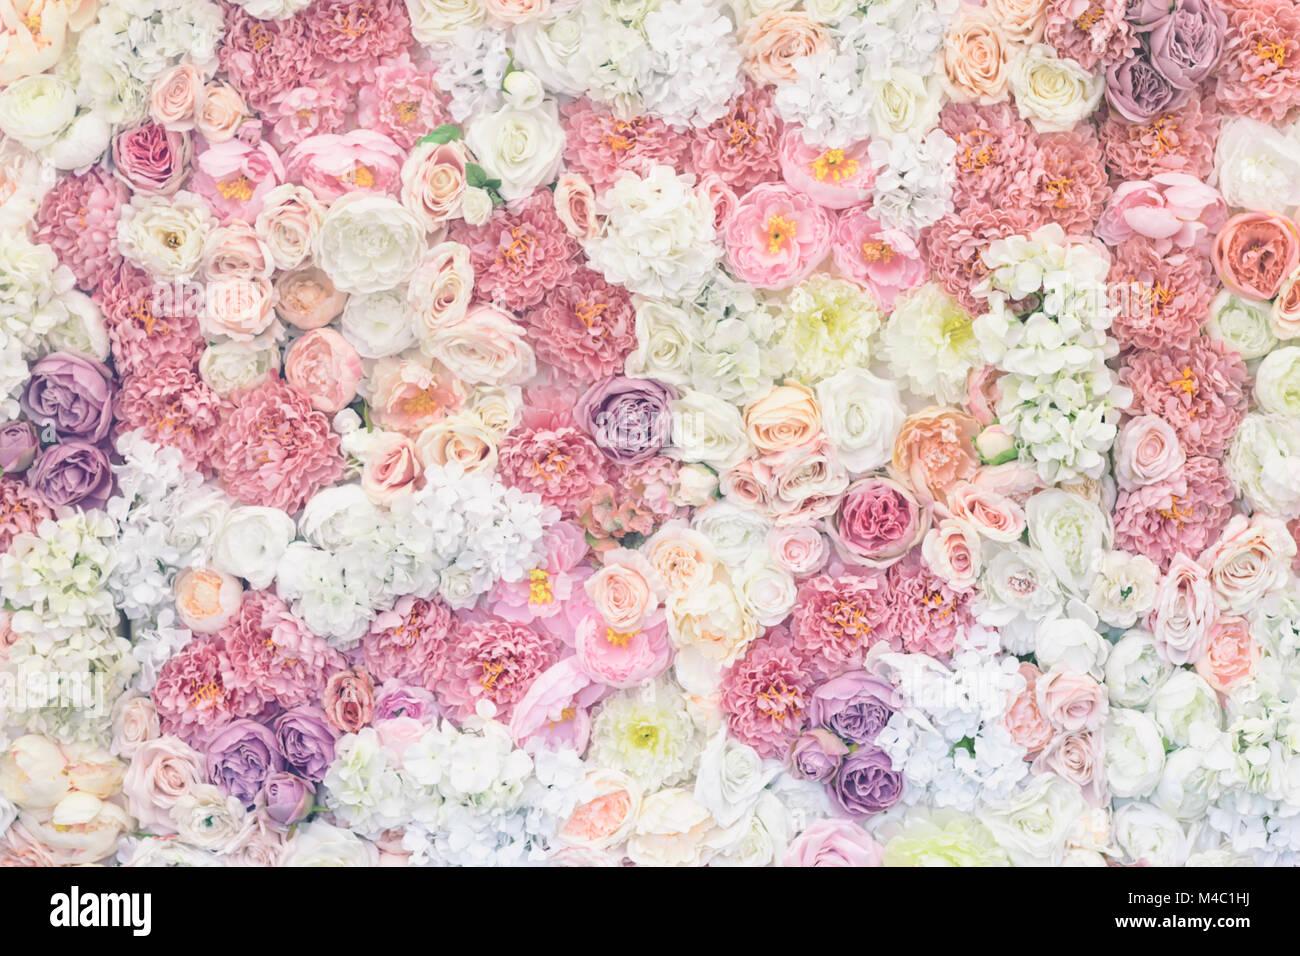 Blumen Pastell Hintergrund Vintage Effekt Hochzeit Dekoration